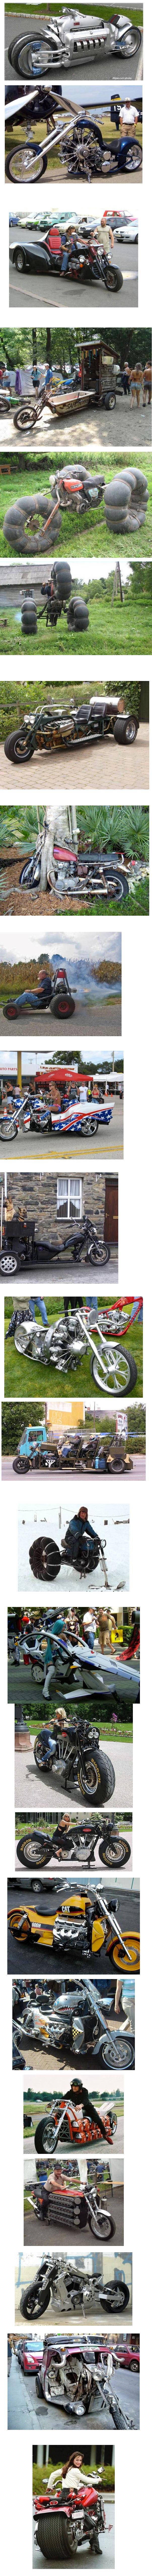 Super Custom Bikes